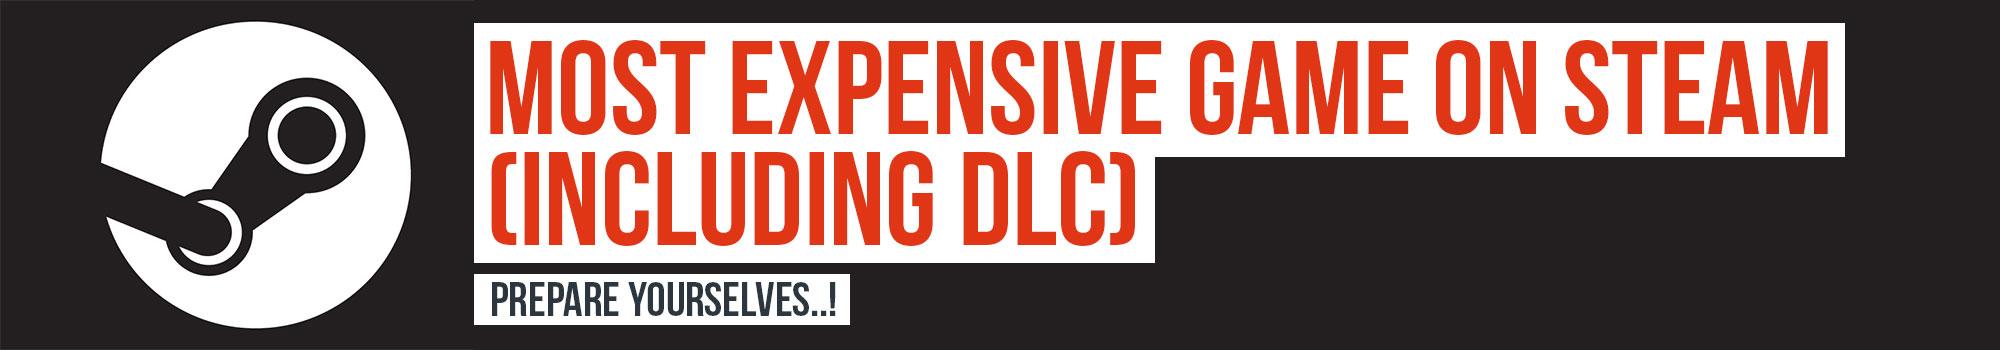 mostexpensivegameincludingdlc5